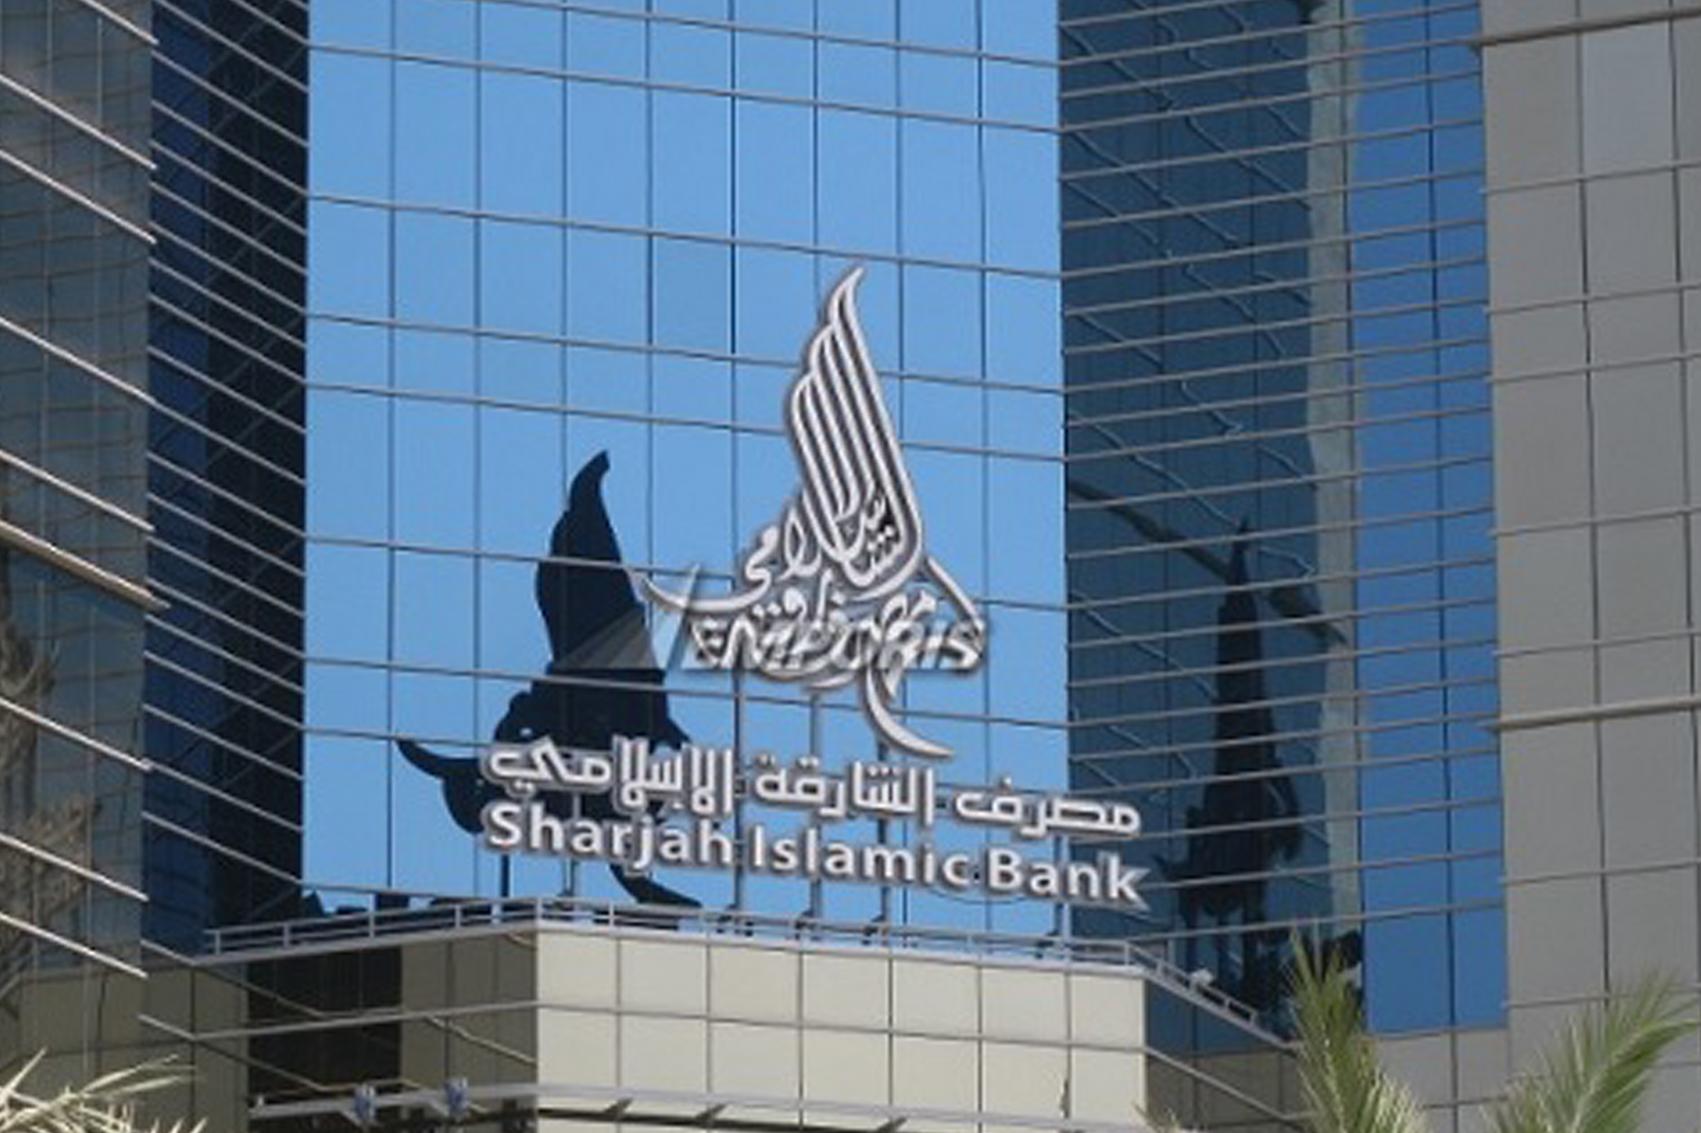 (البطاقات المصرفية) لأوصياء الأيتام بالتنسيق مع الشارقة الإسلامي